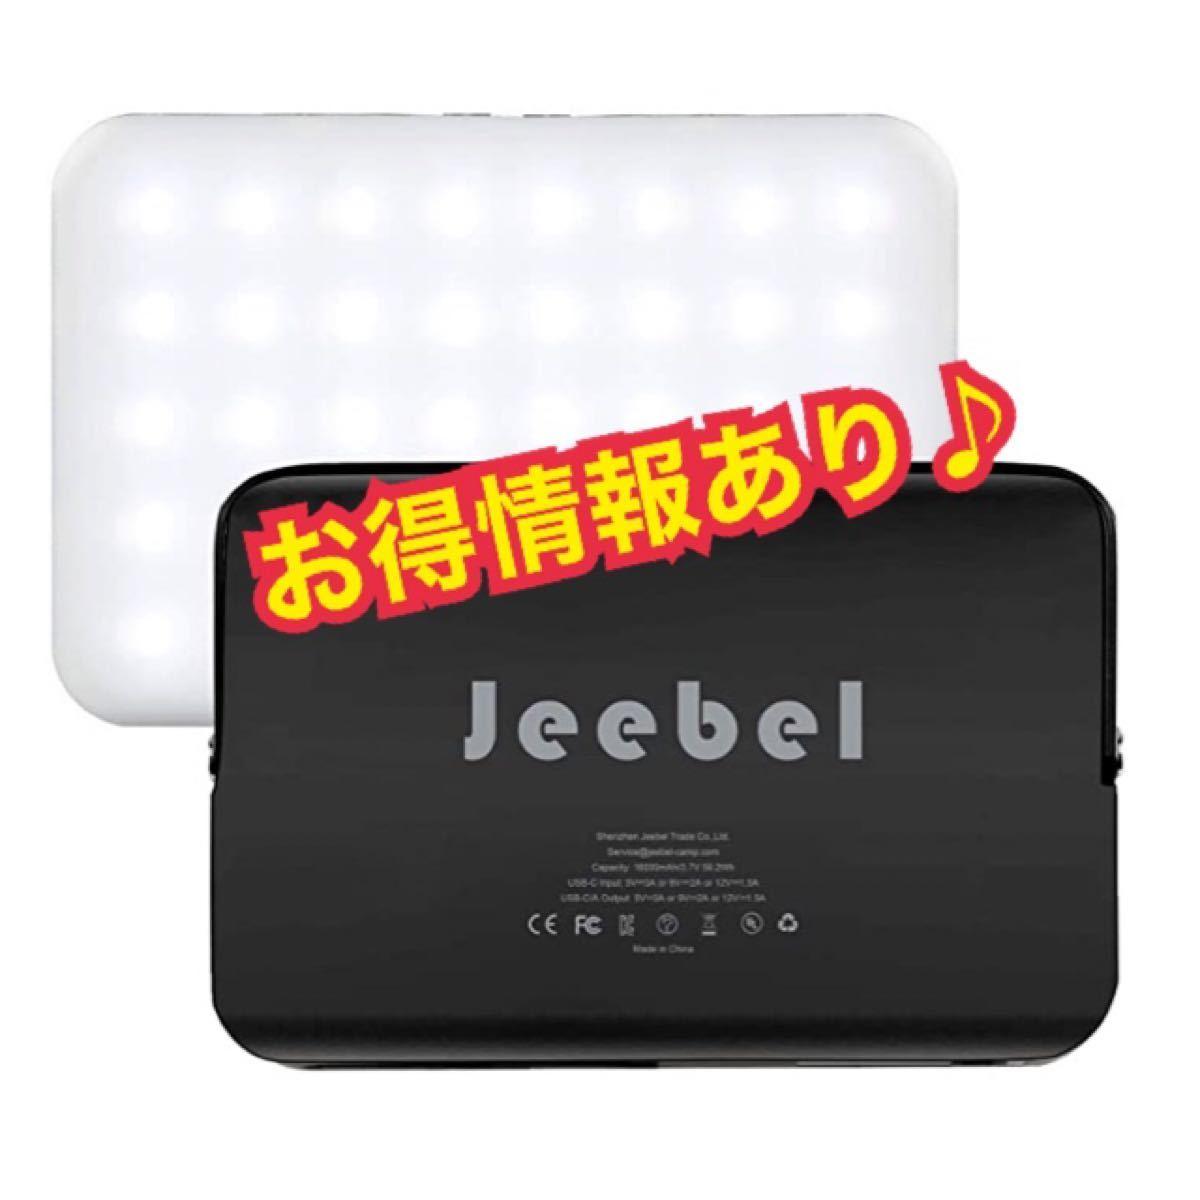 ★★即完売★★16000mAh LEDランタン モバイルバッテリー PSE認証済 アウトドア 車中泊 防災用